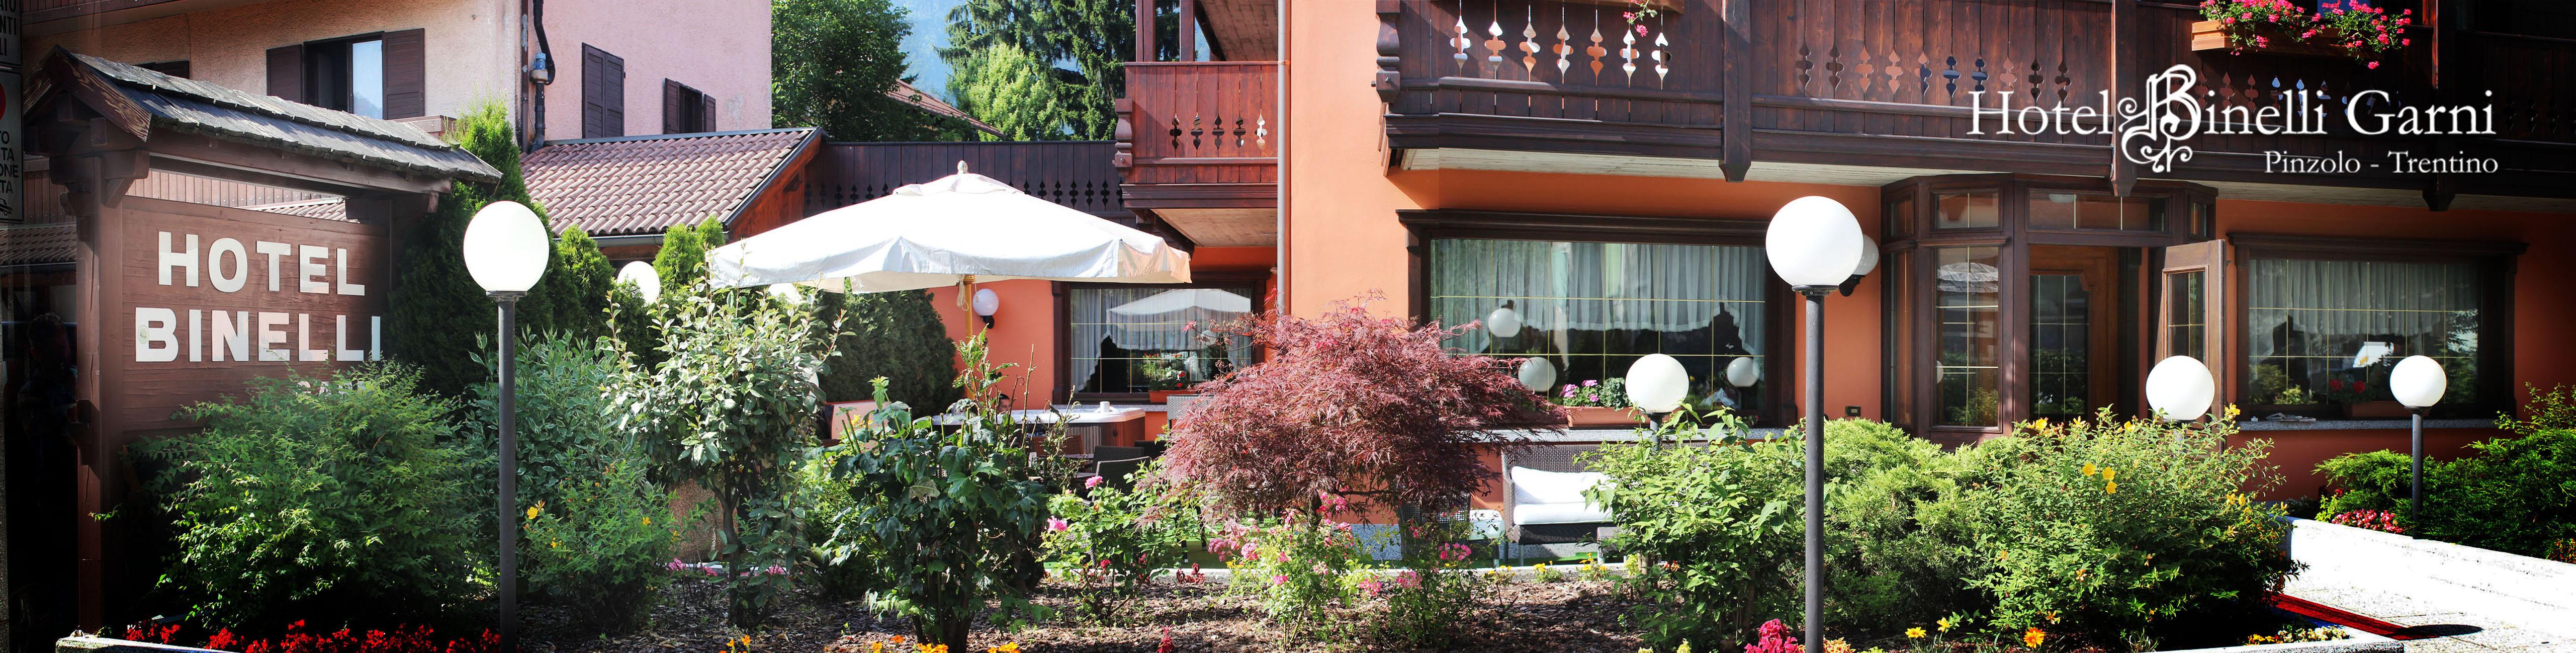 foto Hotel Binelli 014